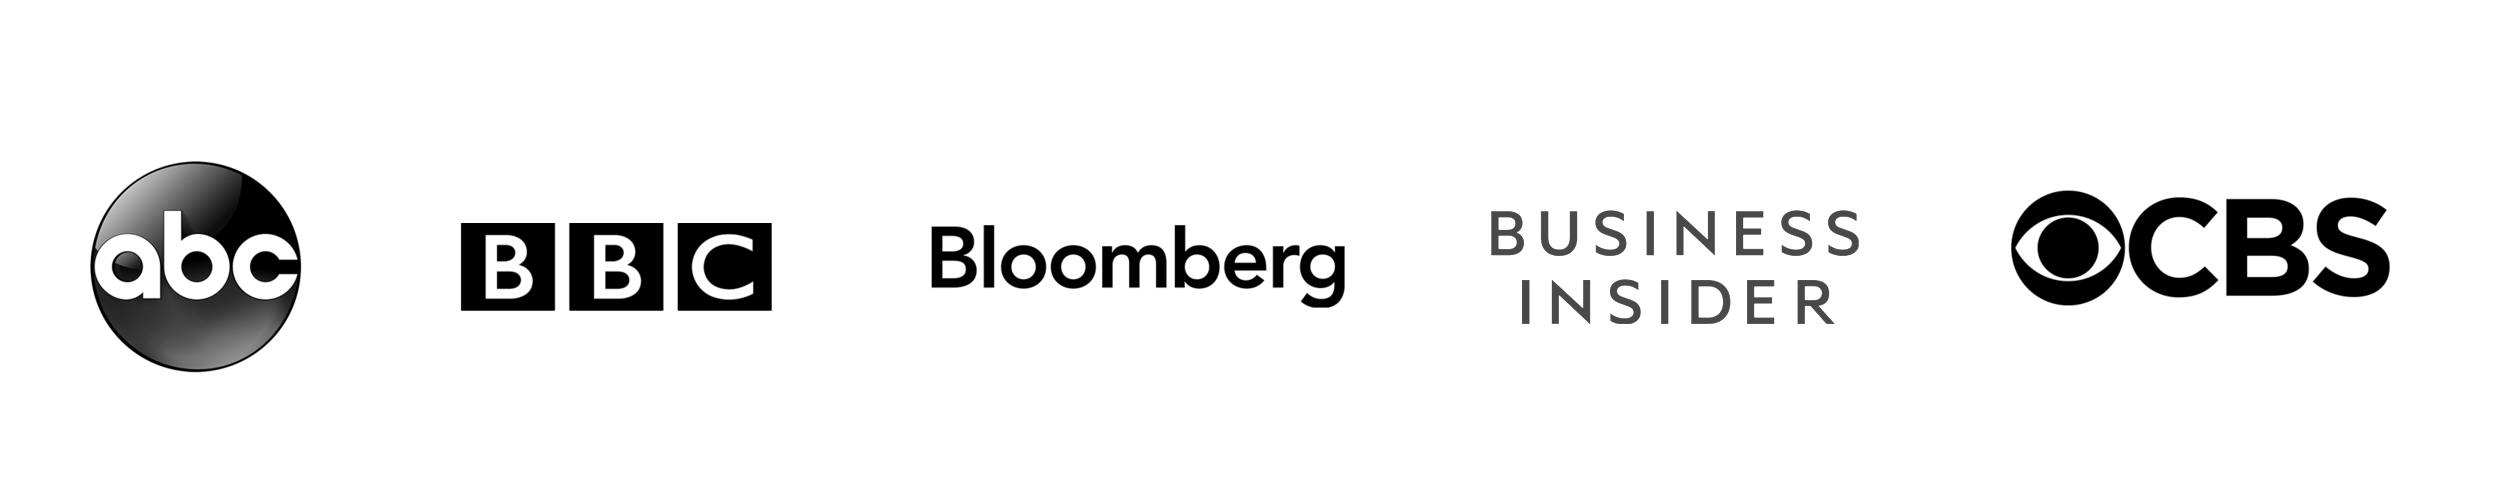 logoset1.2.png